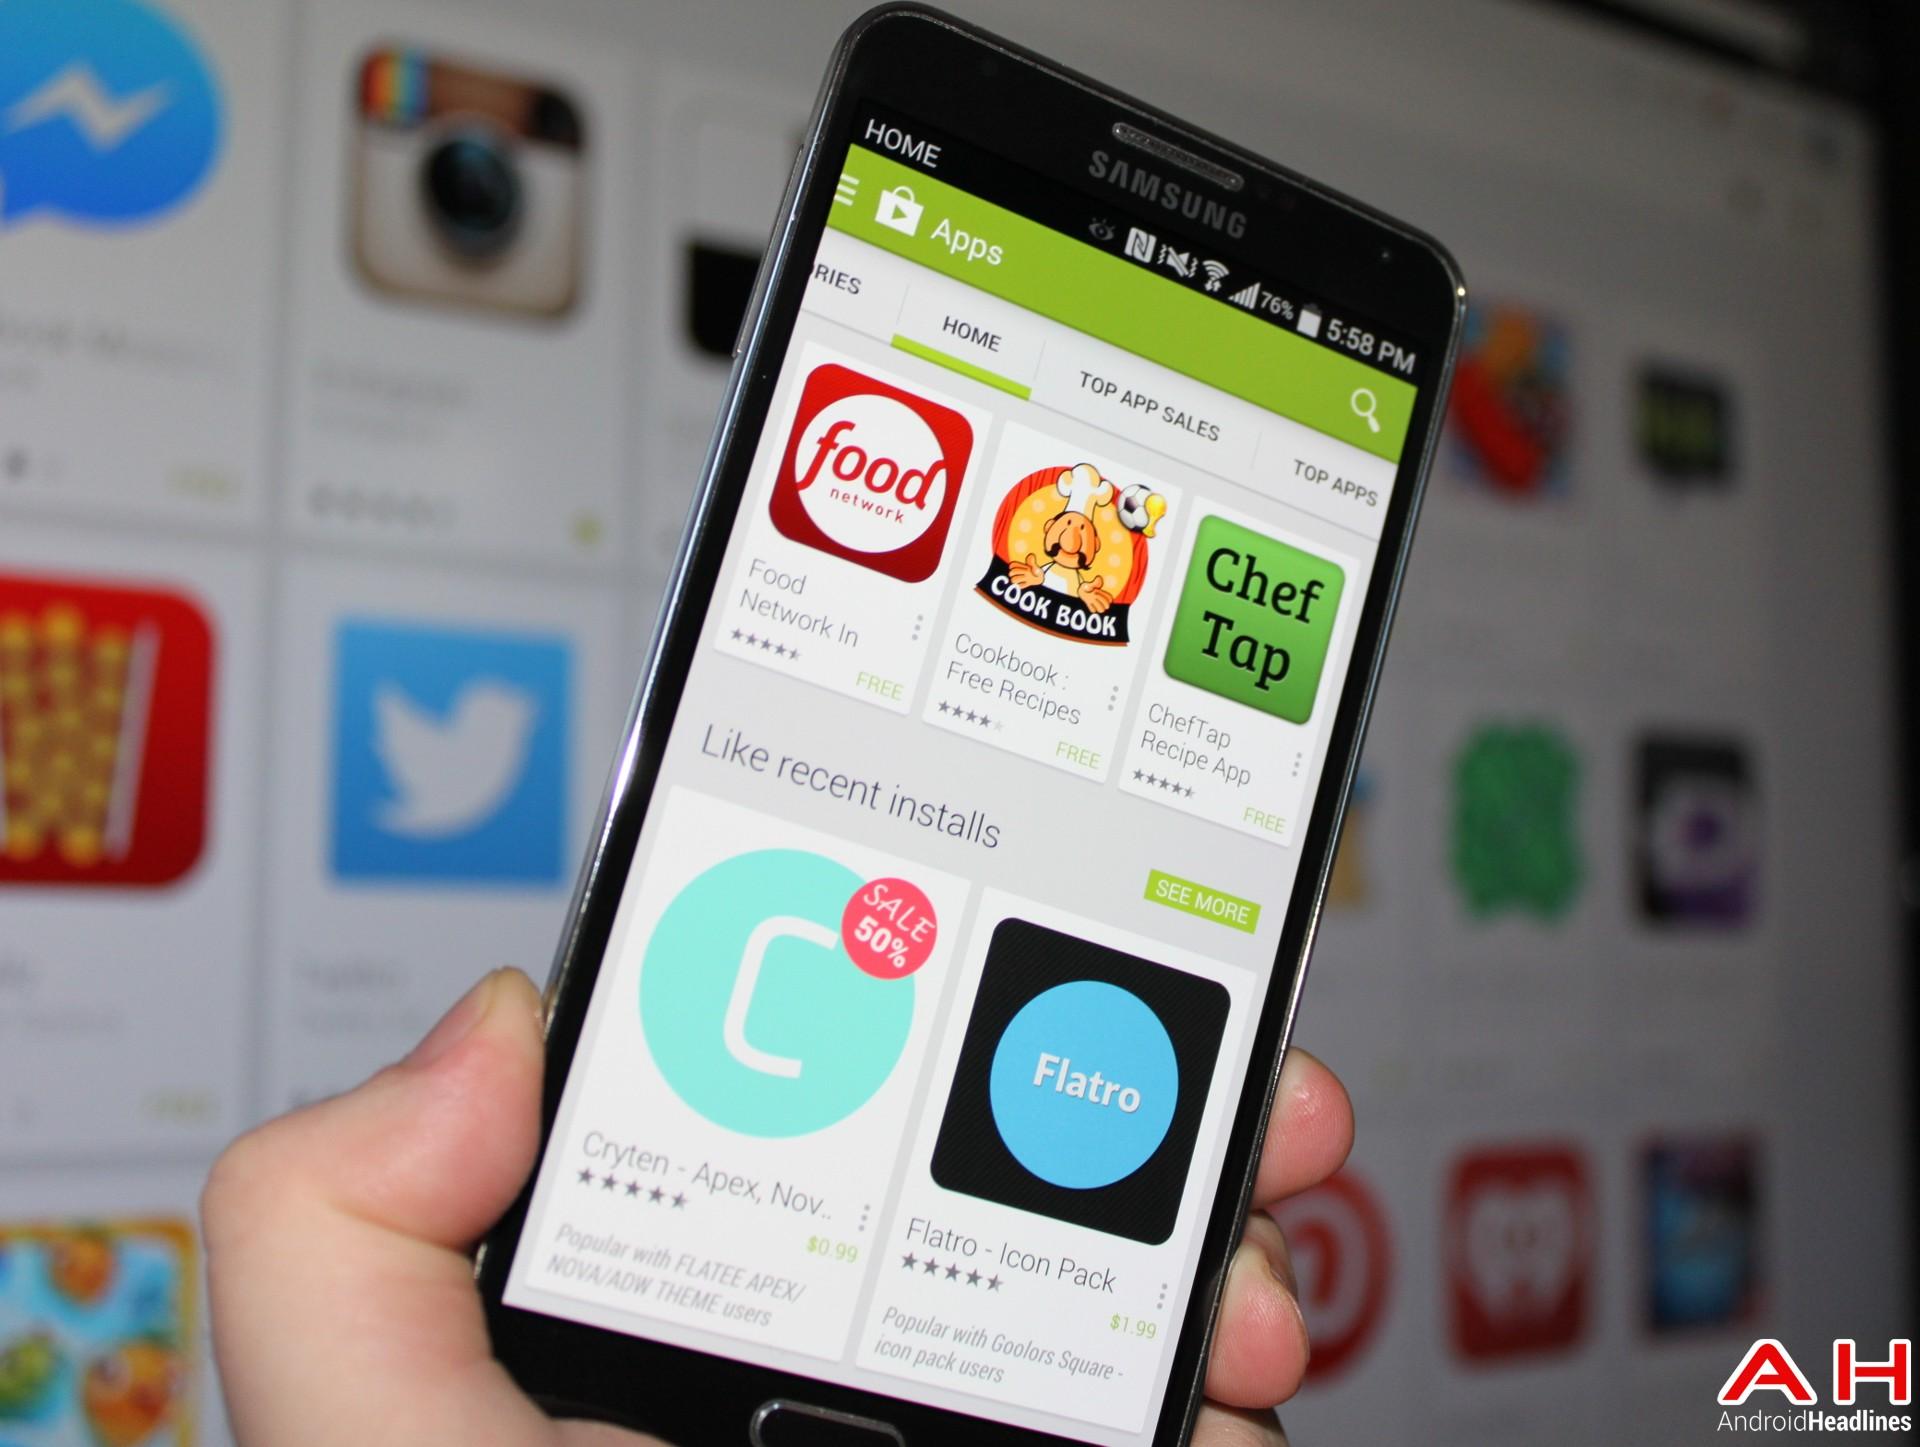 AH App Store Updates Weekly Playstore 1.0